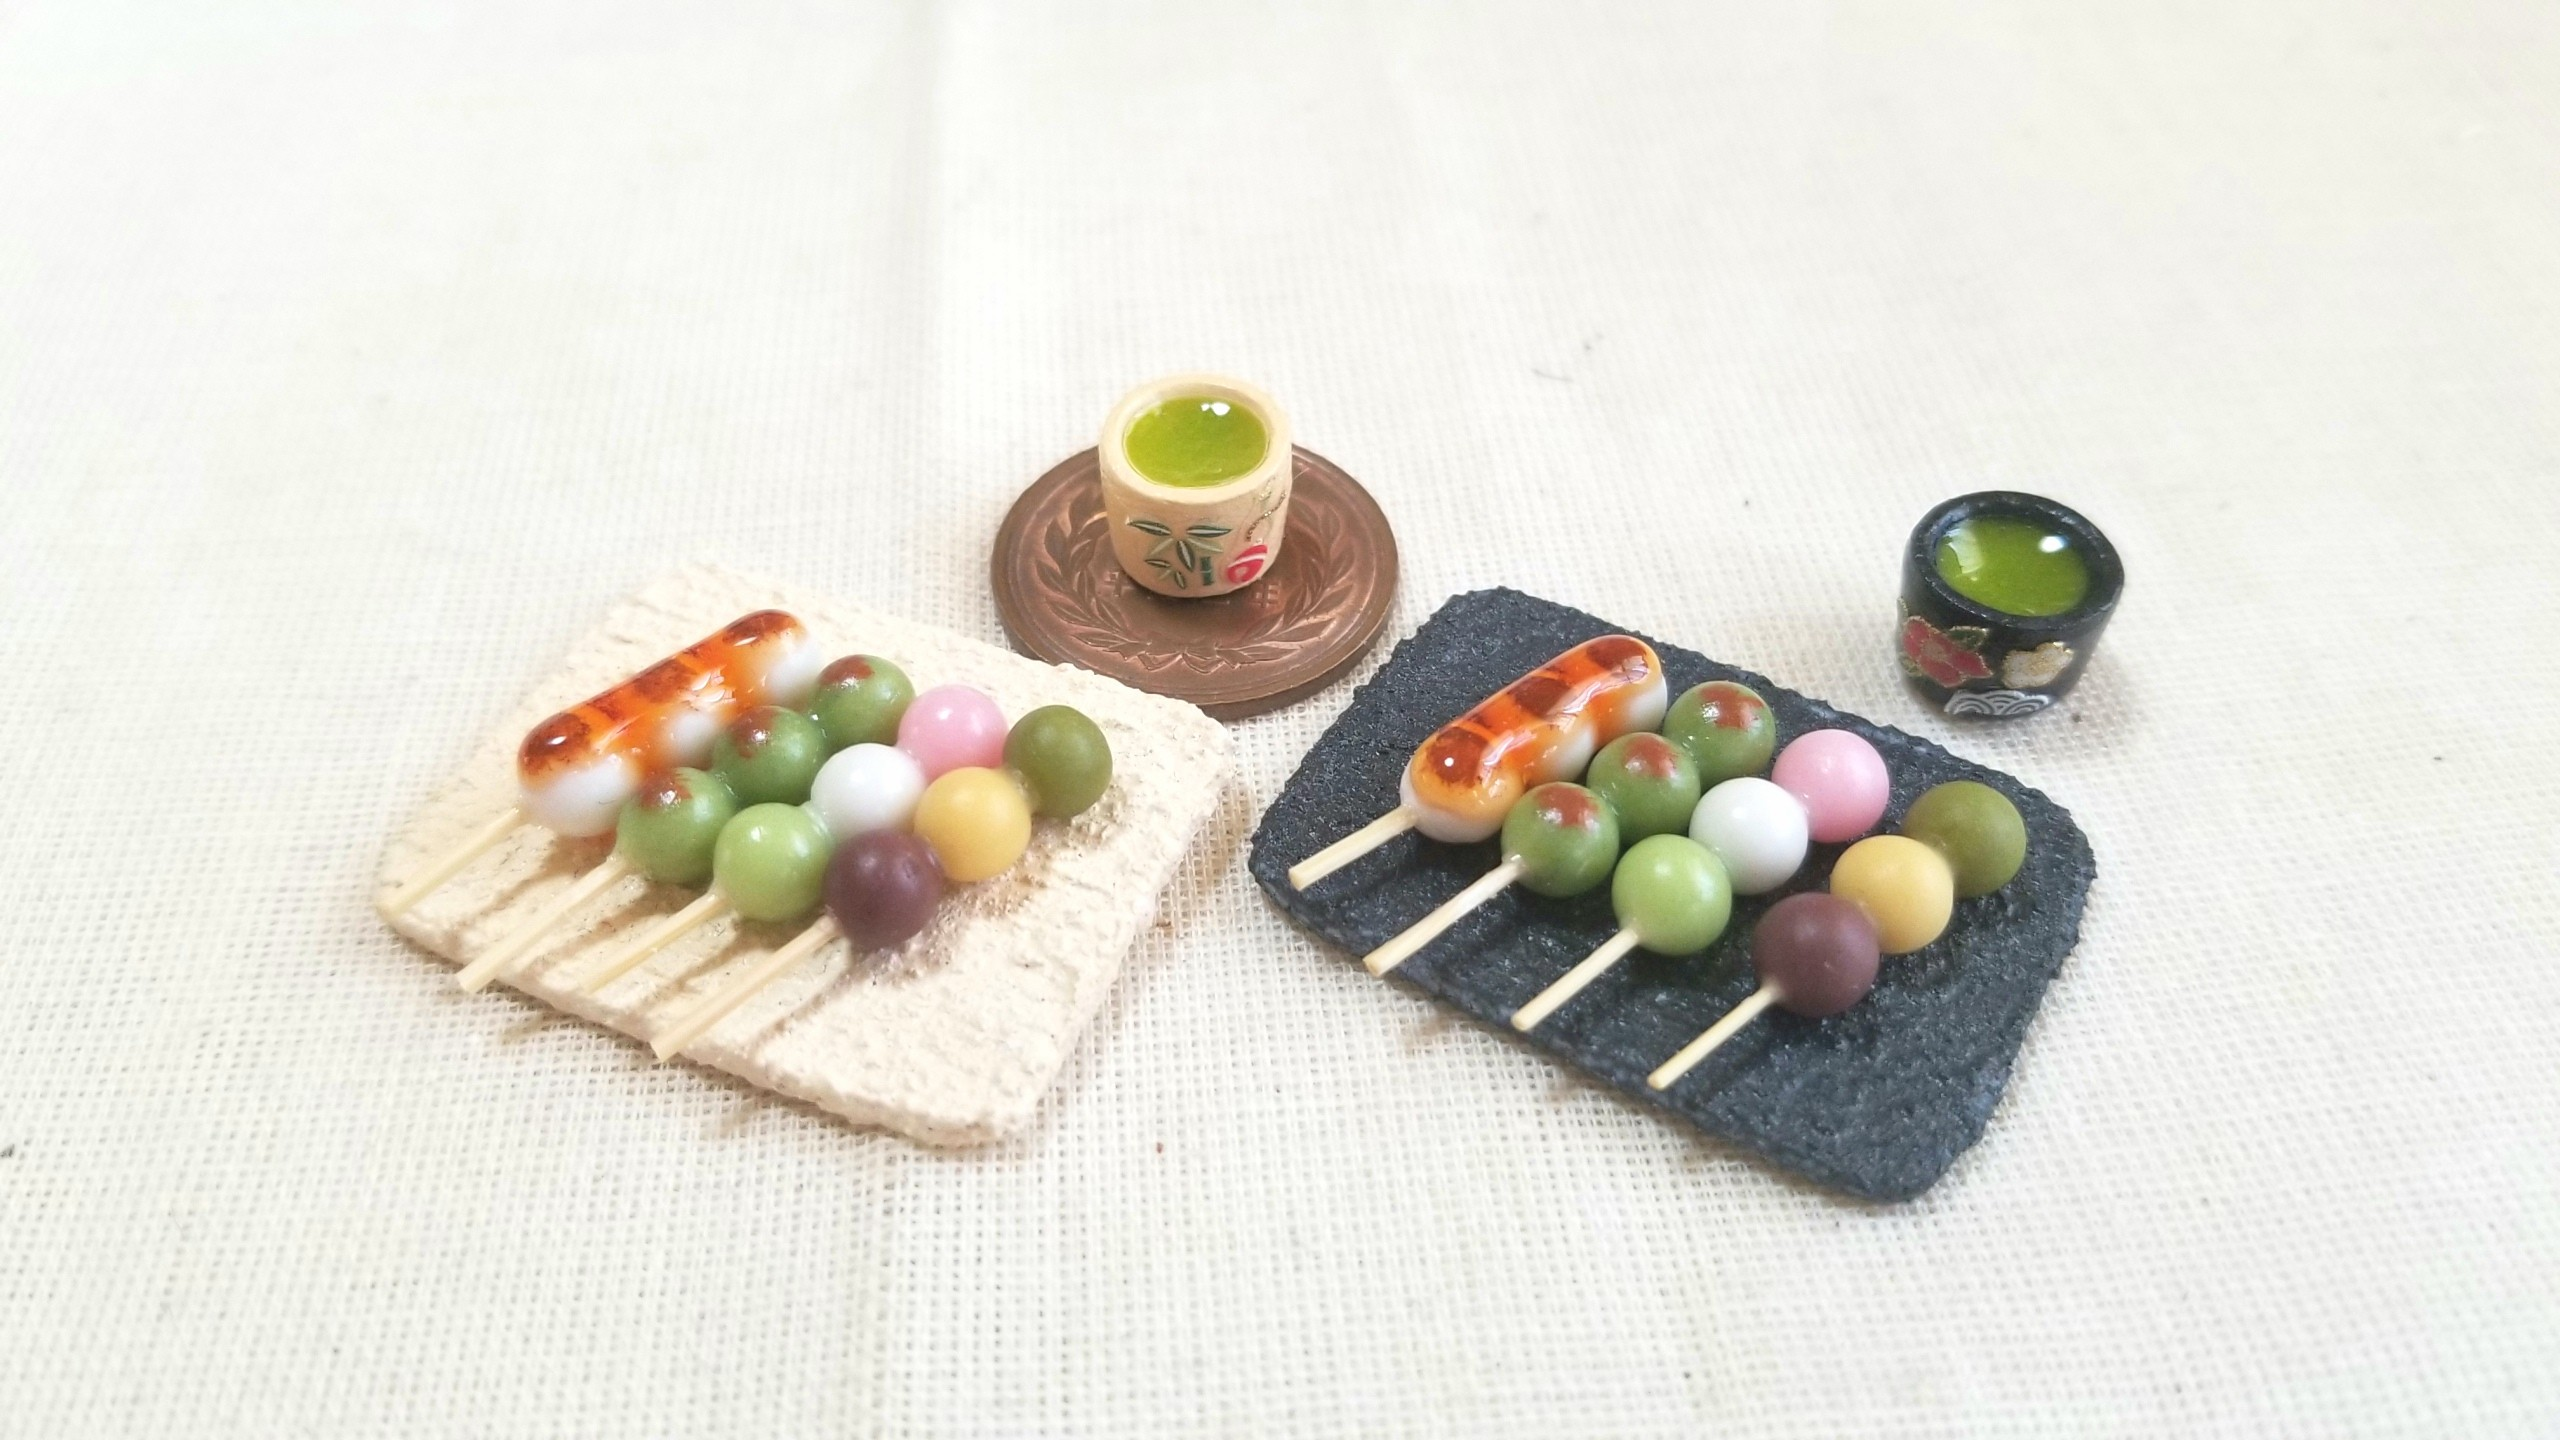 ミニチュアフード,お団子,和菓子,作り方,コツ,樹脂粘土,よもぎブログ